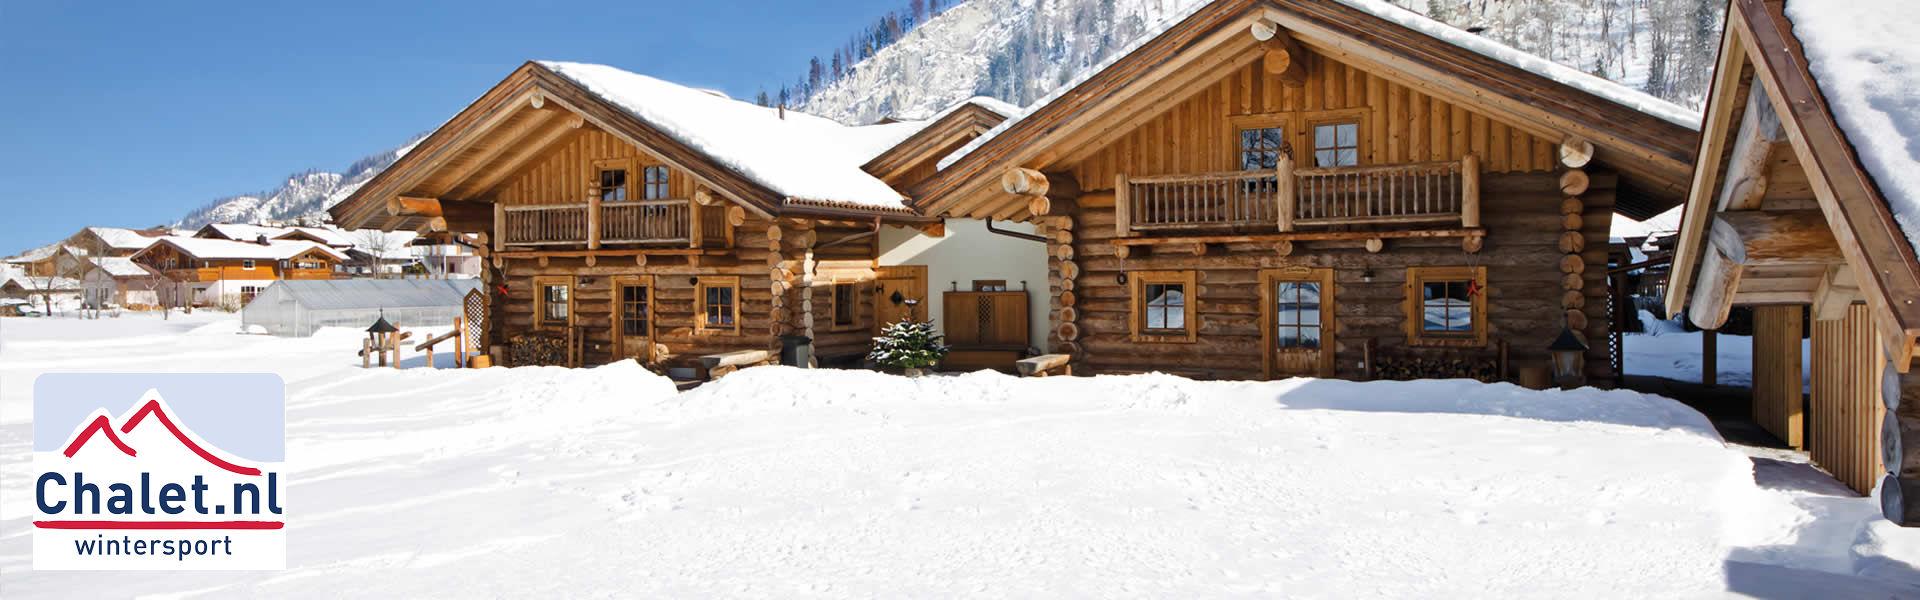 chalet.nl | voor wintersport vakantie in Oostenrijk of Frankrijk in luxe vakantiehuis chalet